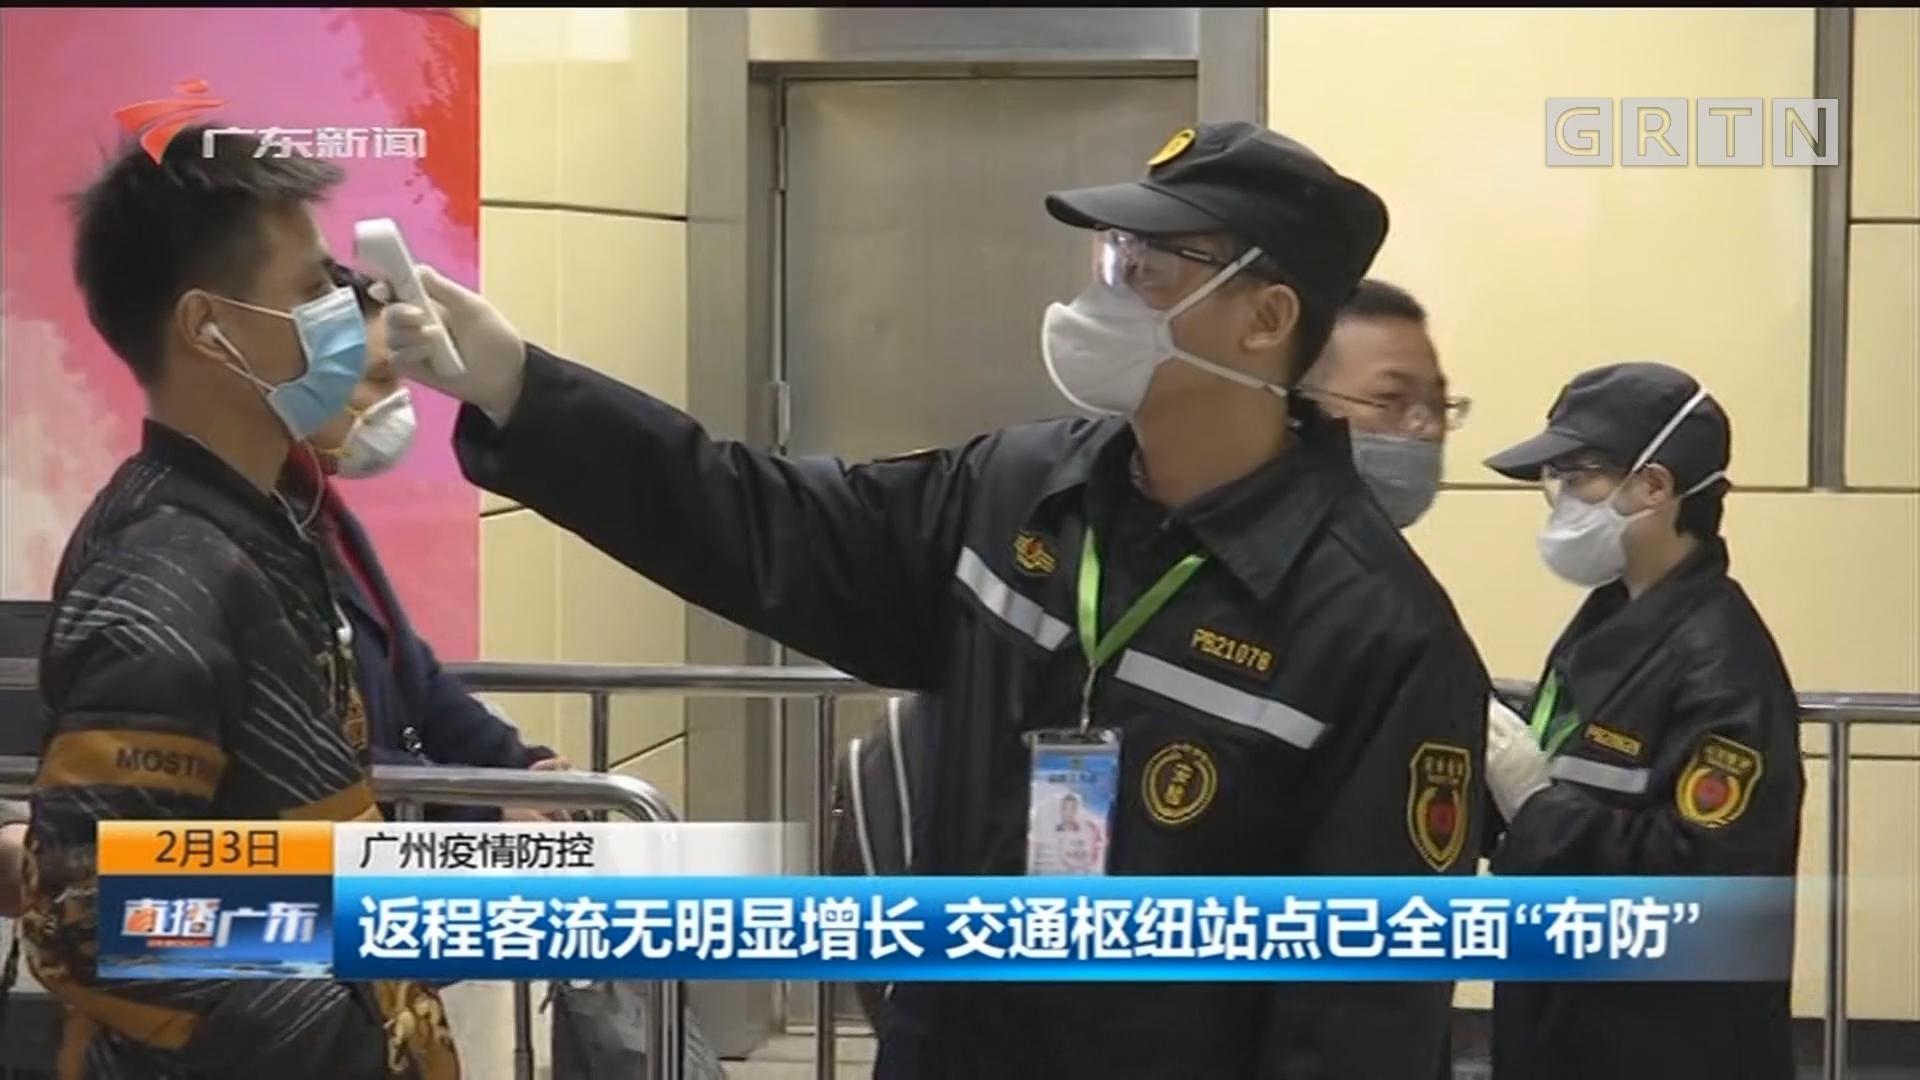 """广州疫情防控:返程客流无明显增长 交通枢纽站点已全面""""布防"""""""